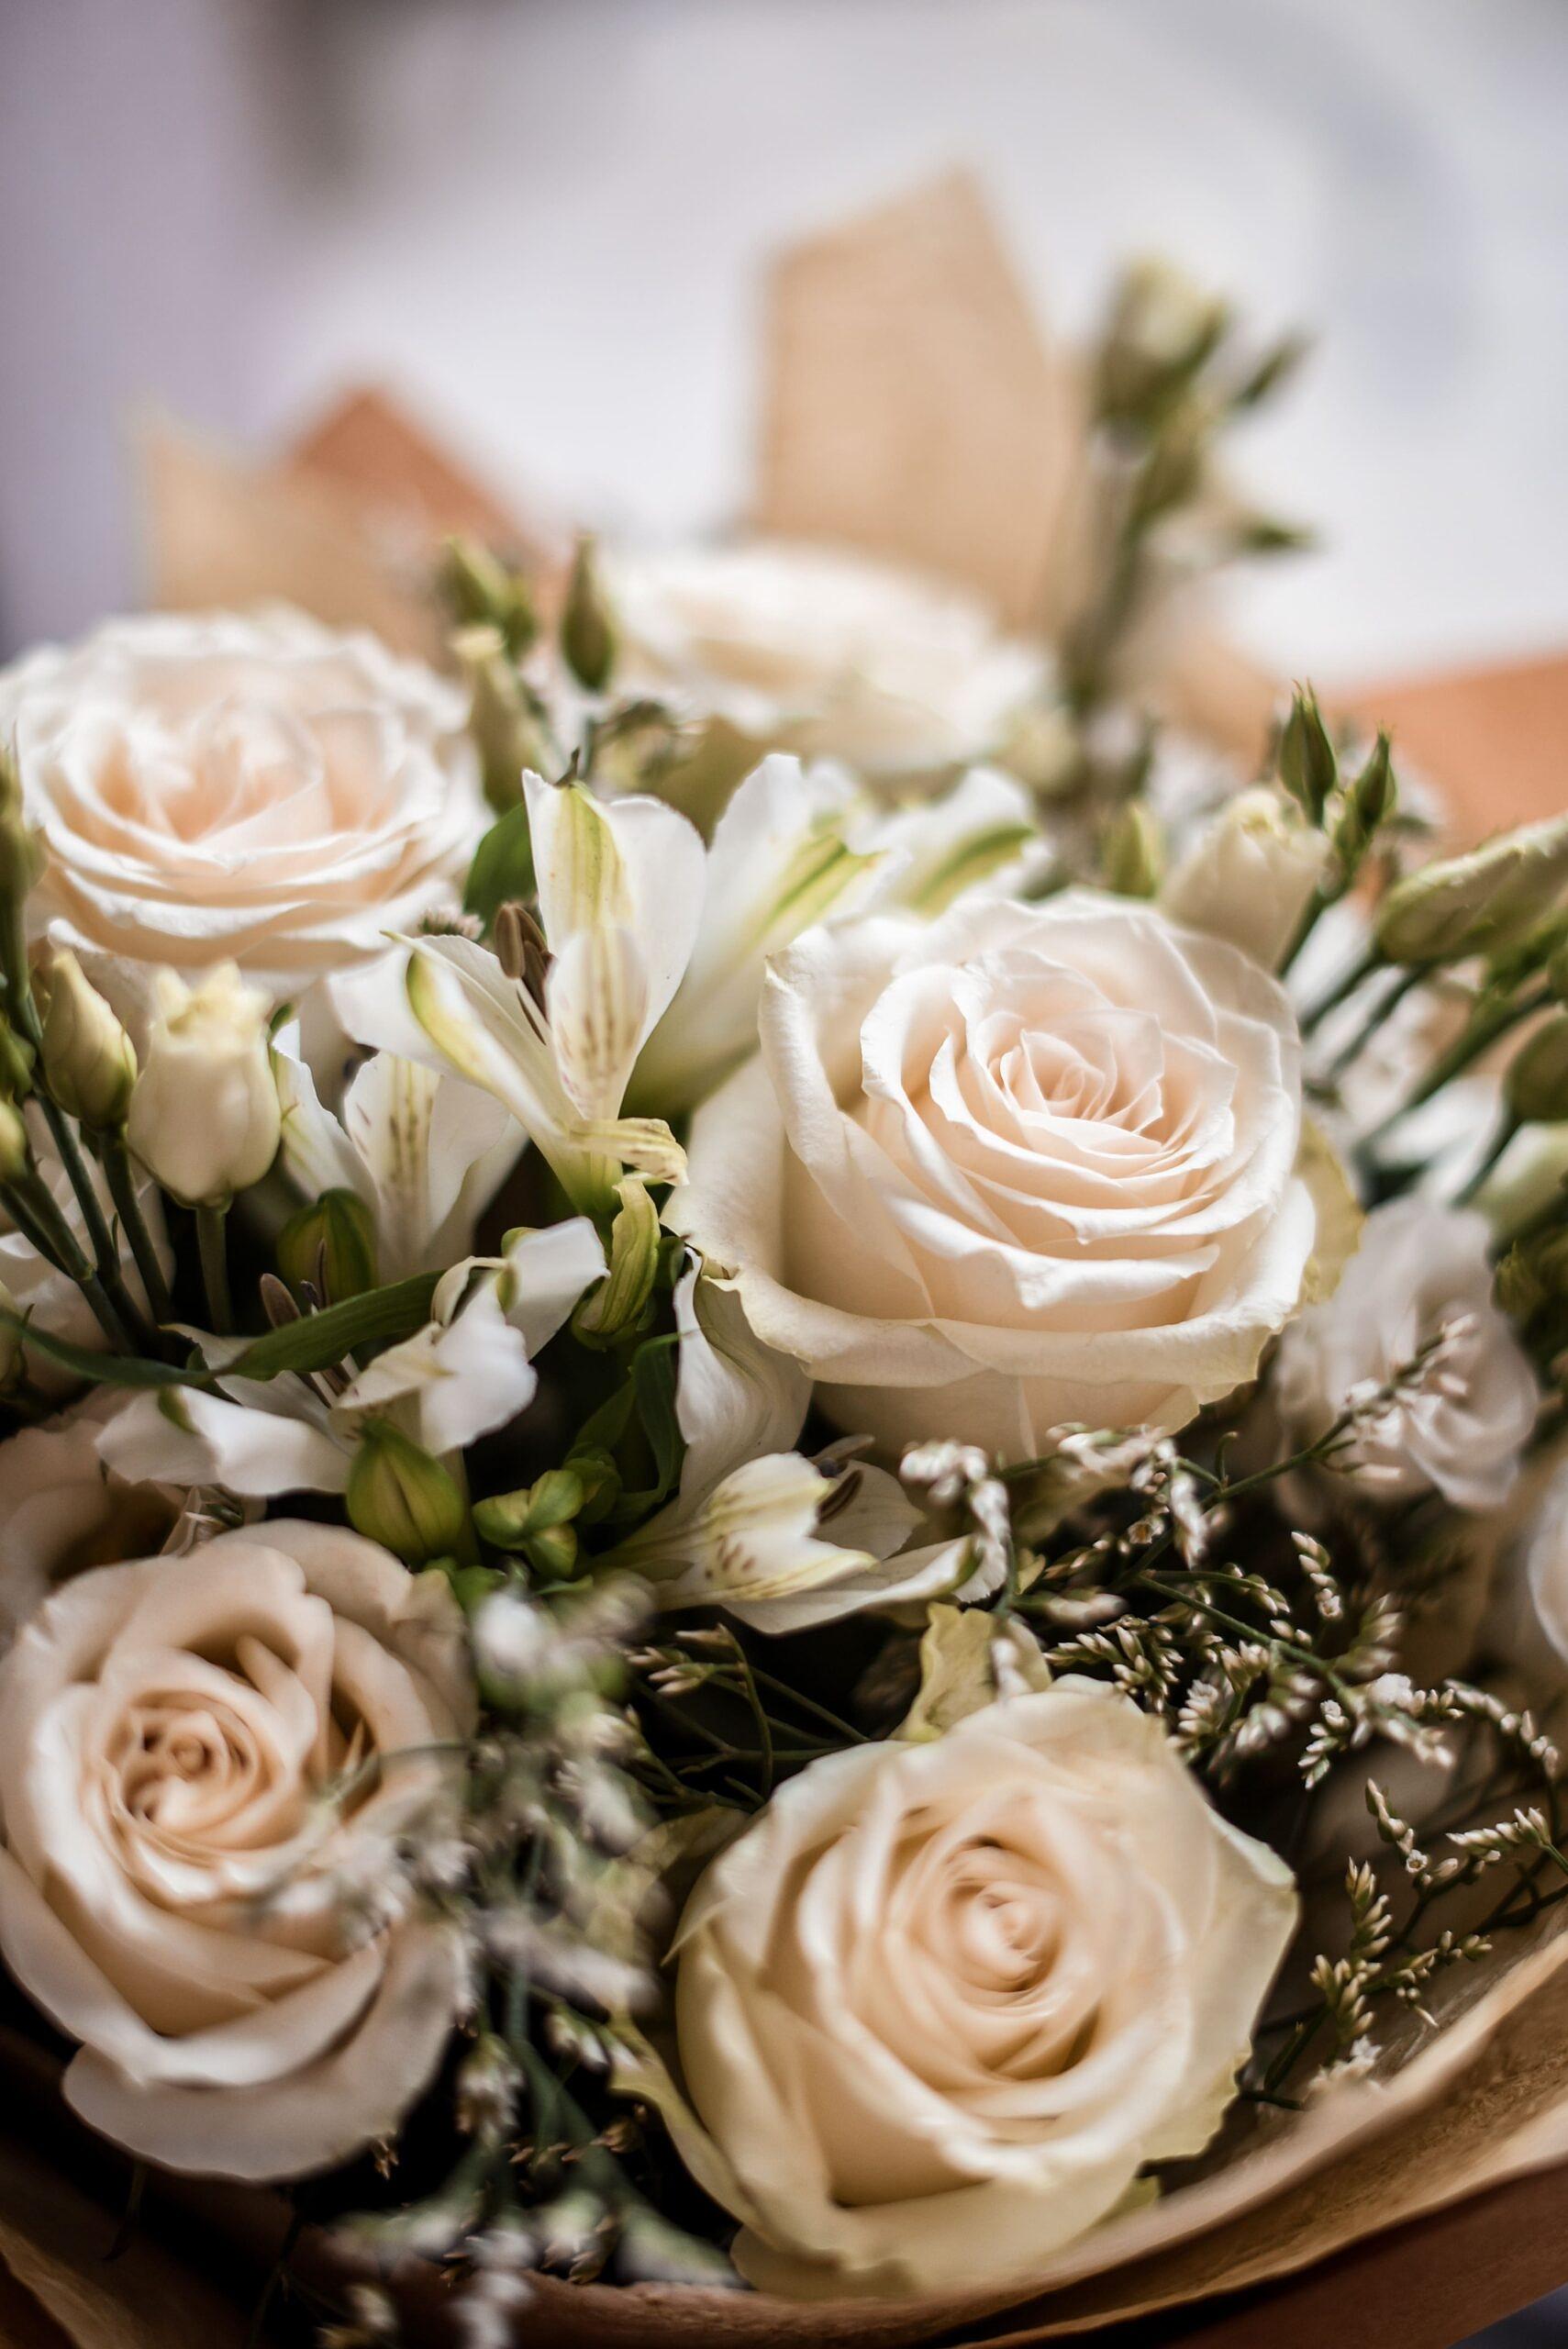 geles, puokste, geles i namus, geles vilniuje, gimtadienio geles, rozes, baltos rozes, rozes i namus, rozes vilniuje